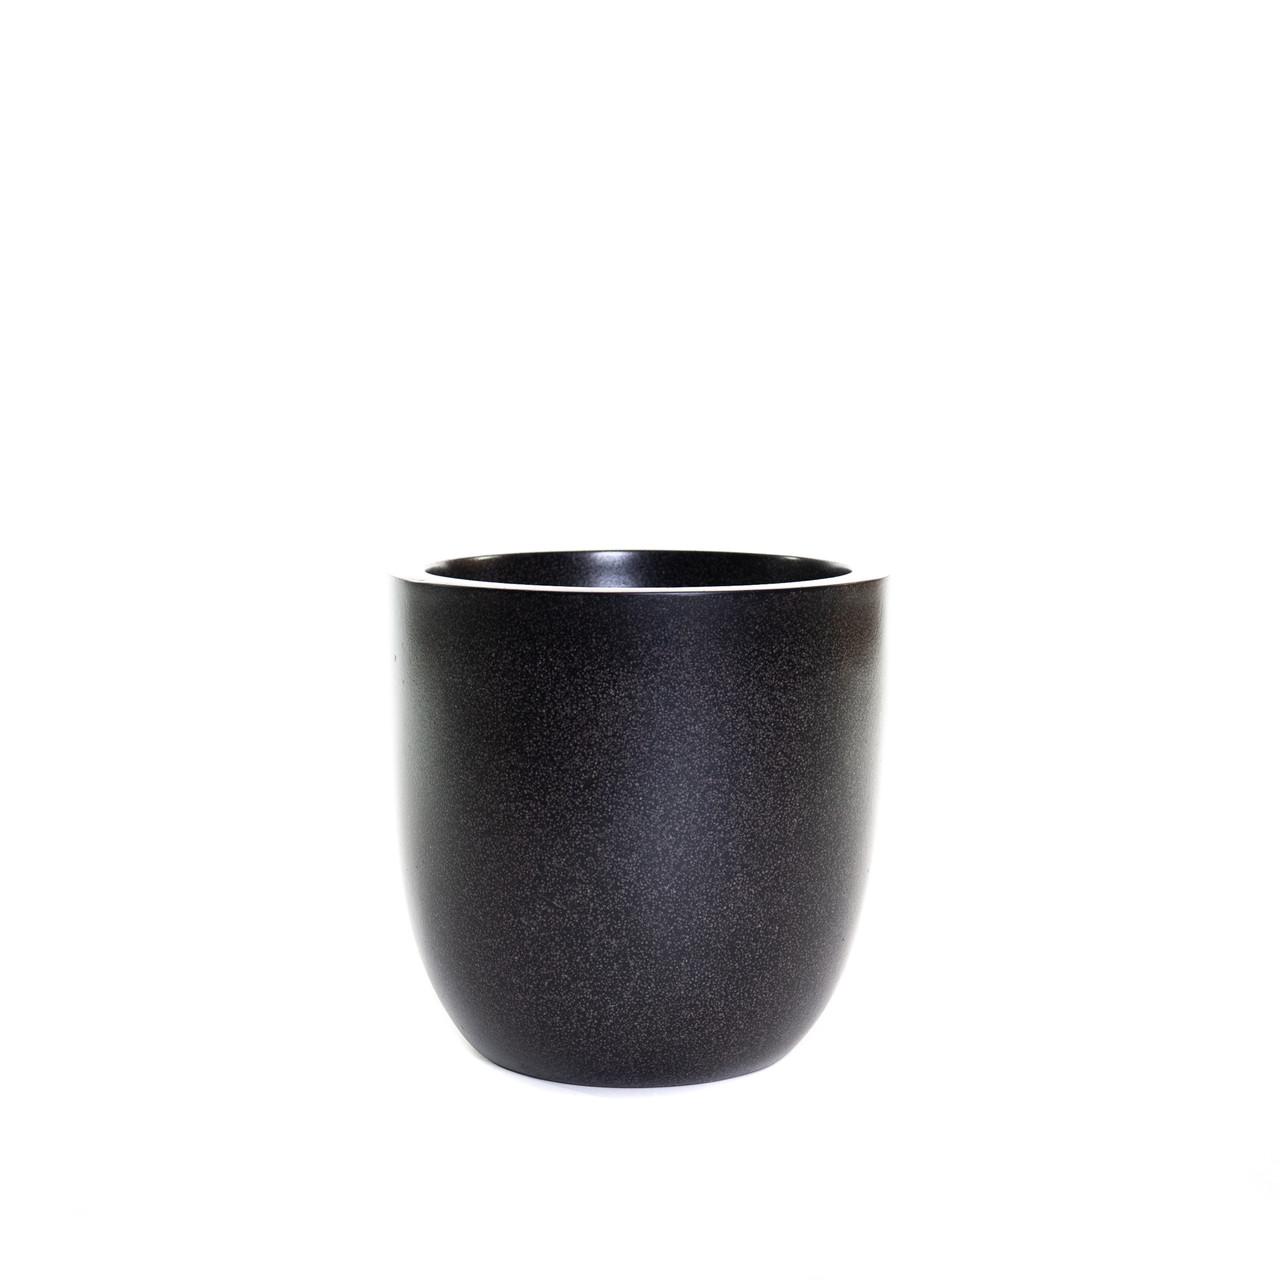 Pot bol 37x37 zwart